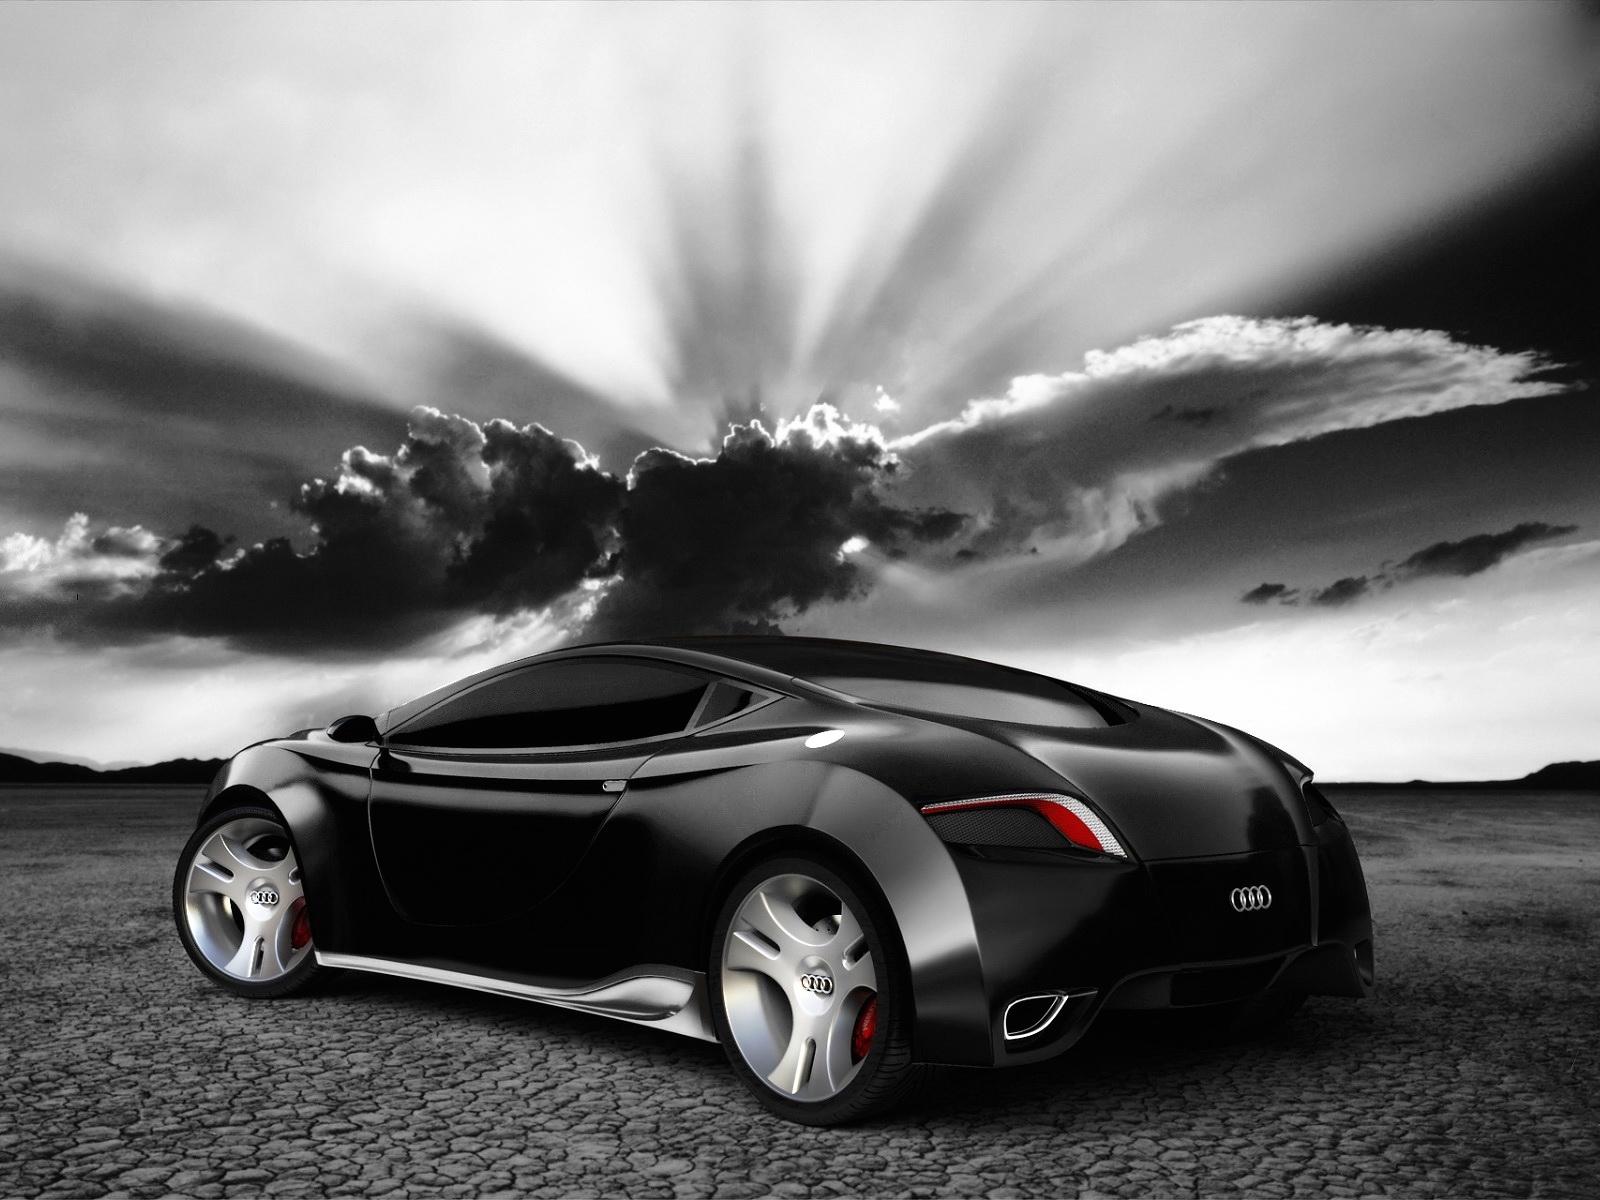 http://1.bp.blogspot.com/_2U3U6AwE-ZQ/TKoFTzGr9PI/AAAAAAAAAaA/oG2qfBH35sM/s1600/audi-concept-car%28www.TheWallpapers.org%29.jpg